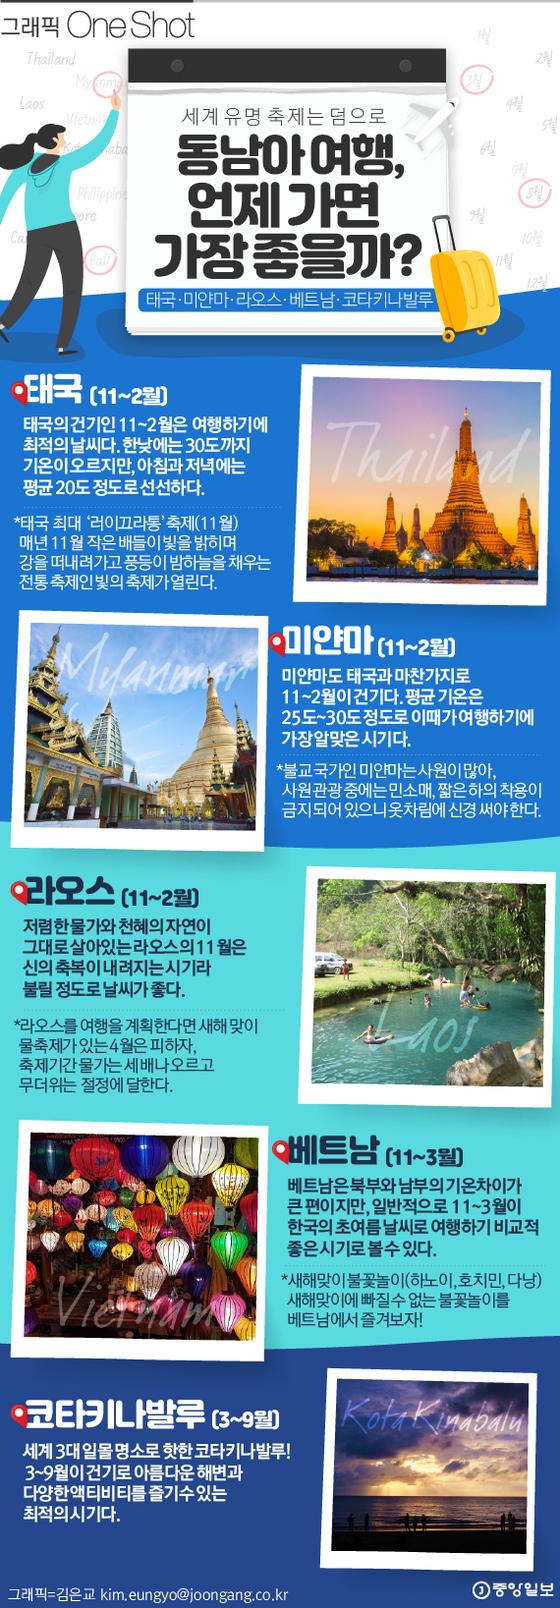 동남아 관광 골든타임 1